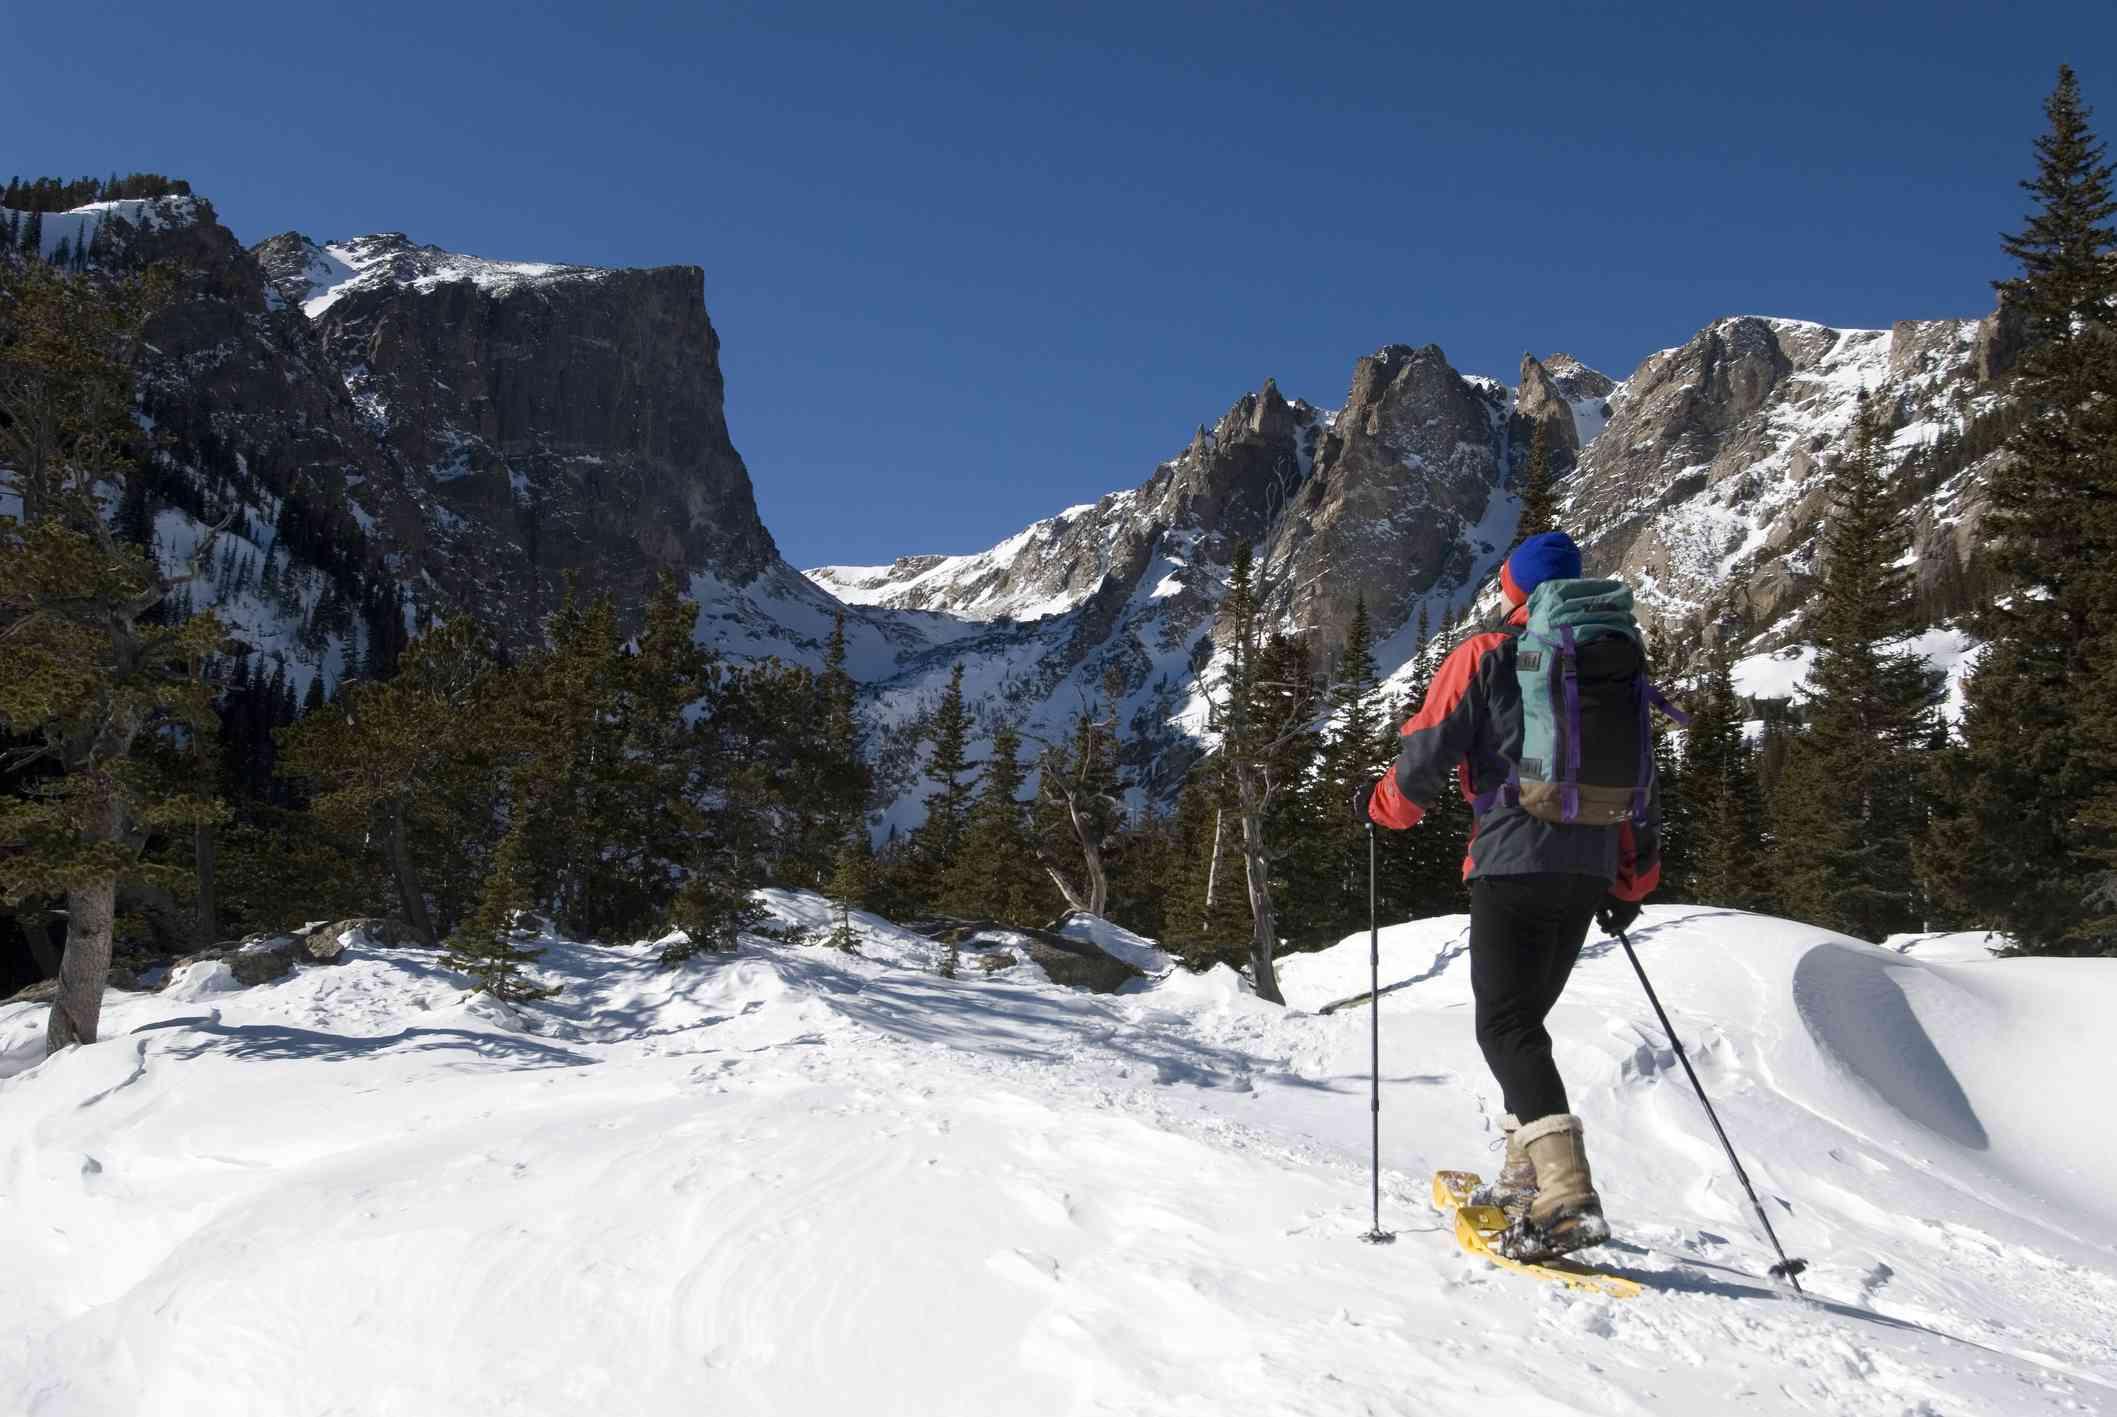 Snowshoeing in Estes Park, Colorado